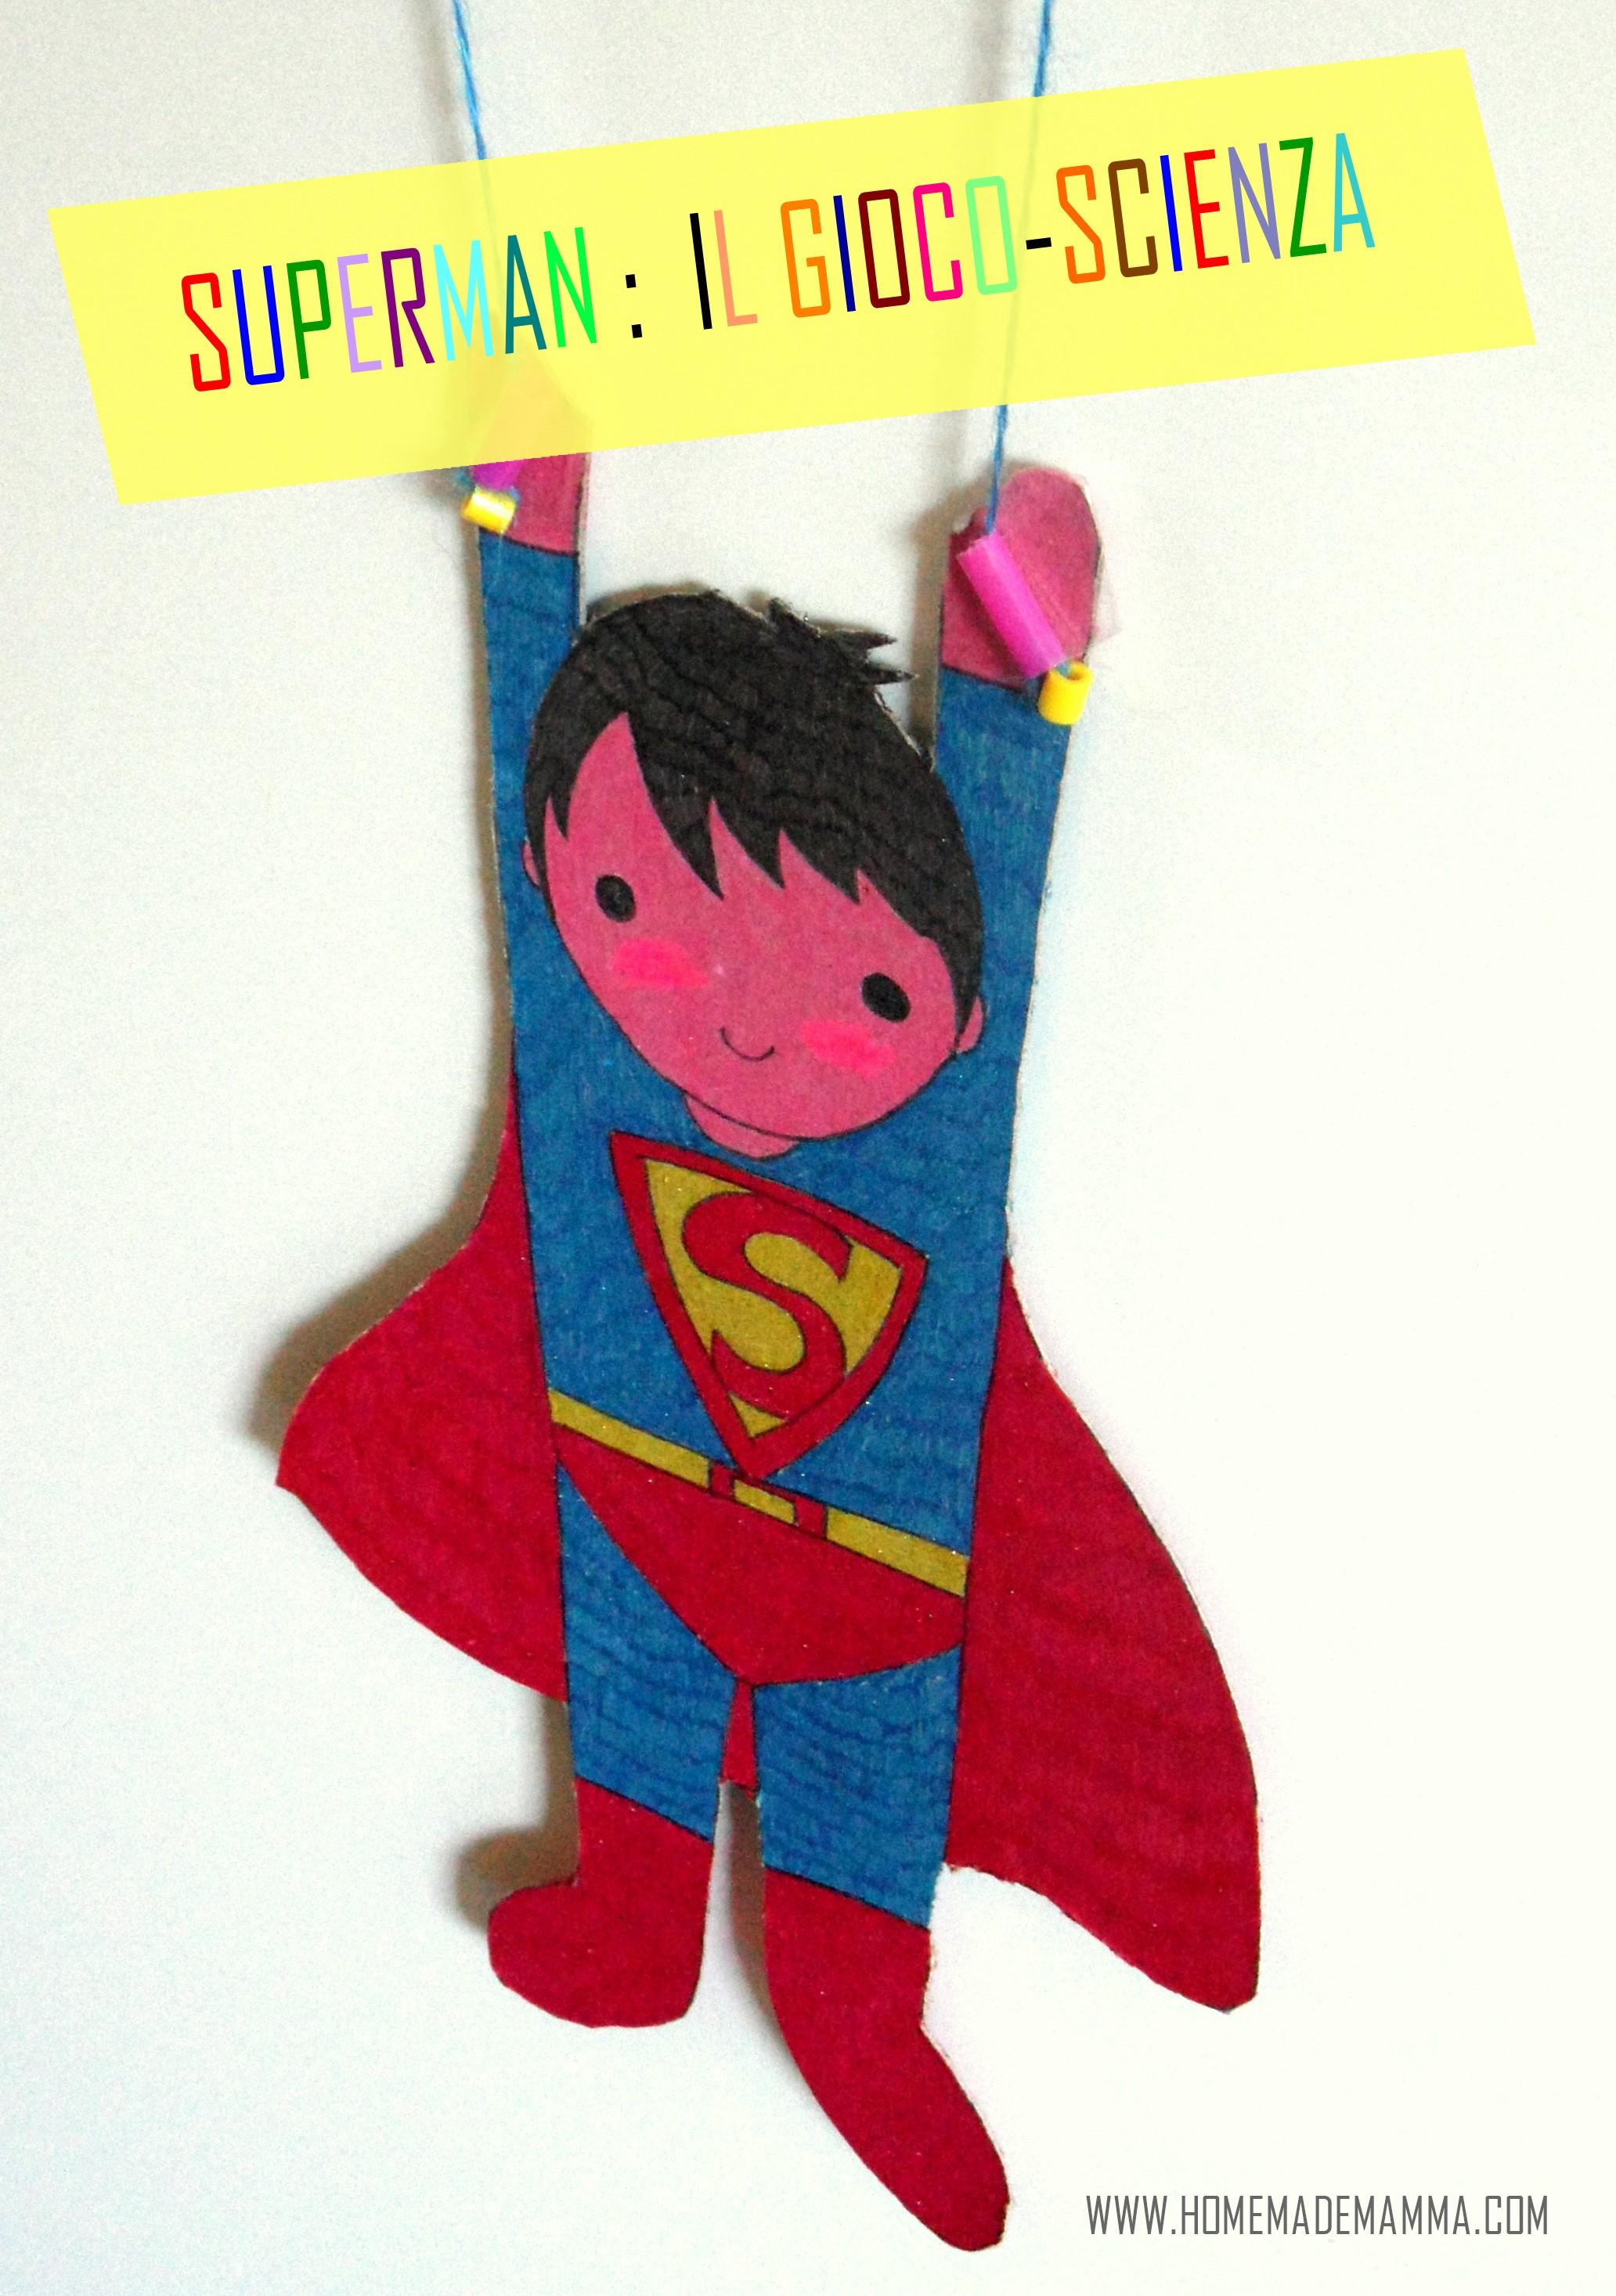 superman e le forze